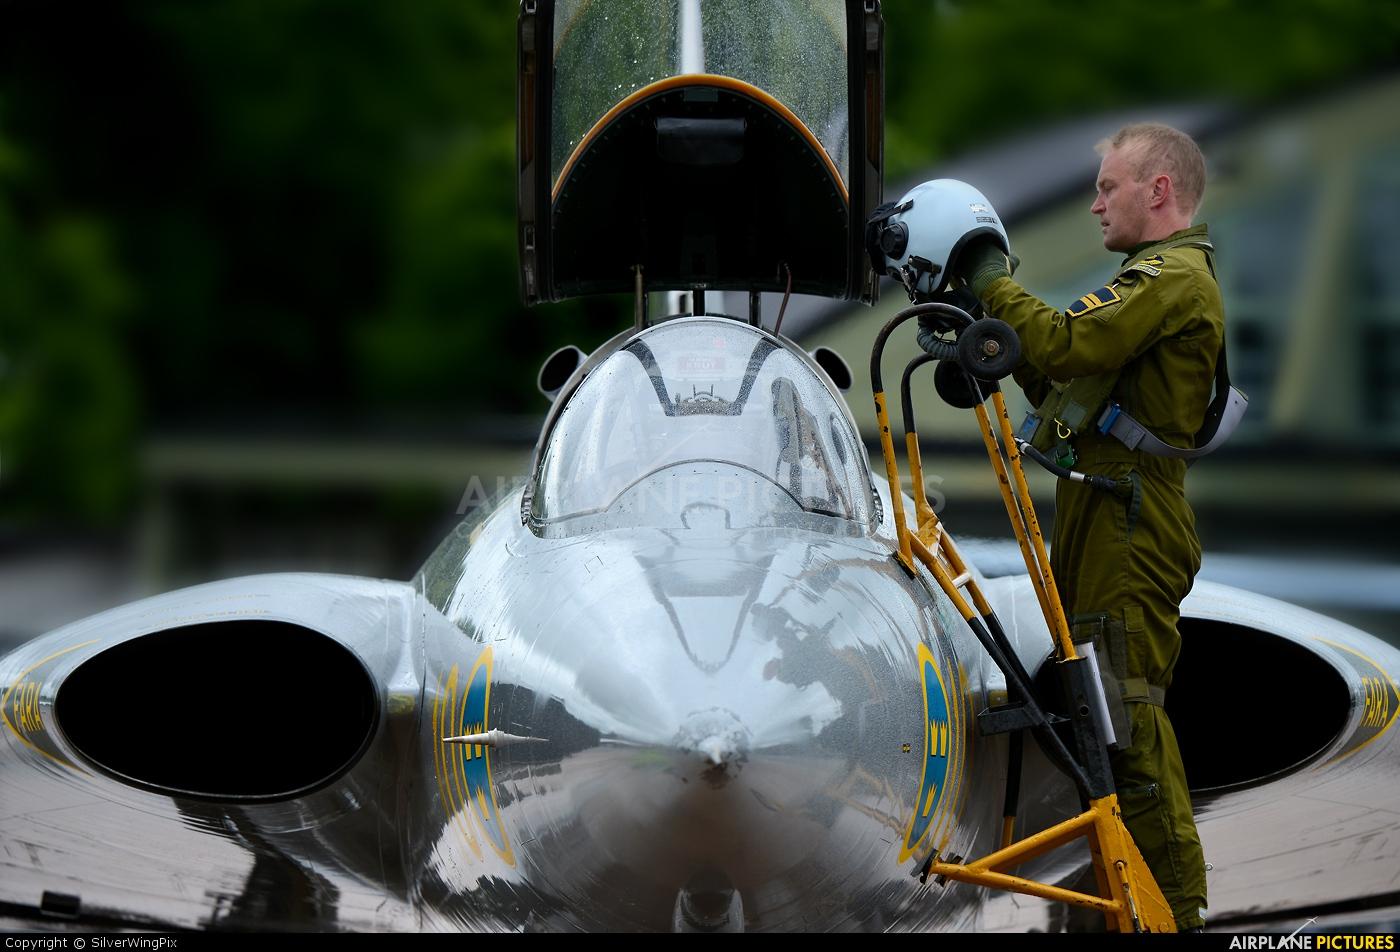 Sweden - Air Force 35556 aircraft at Malmen